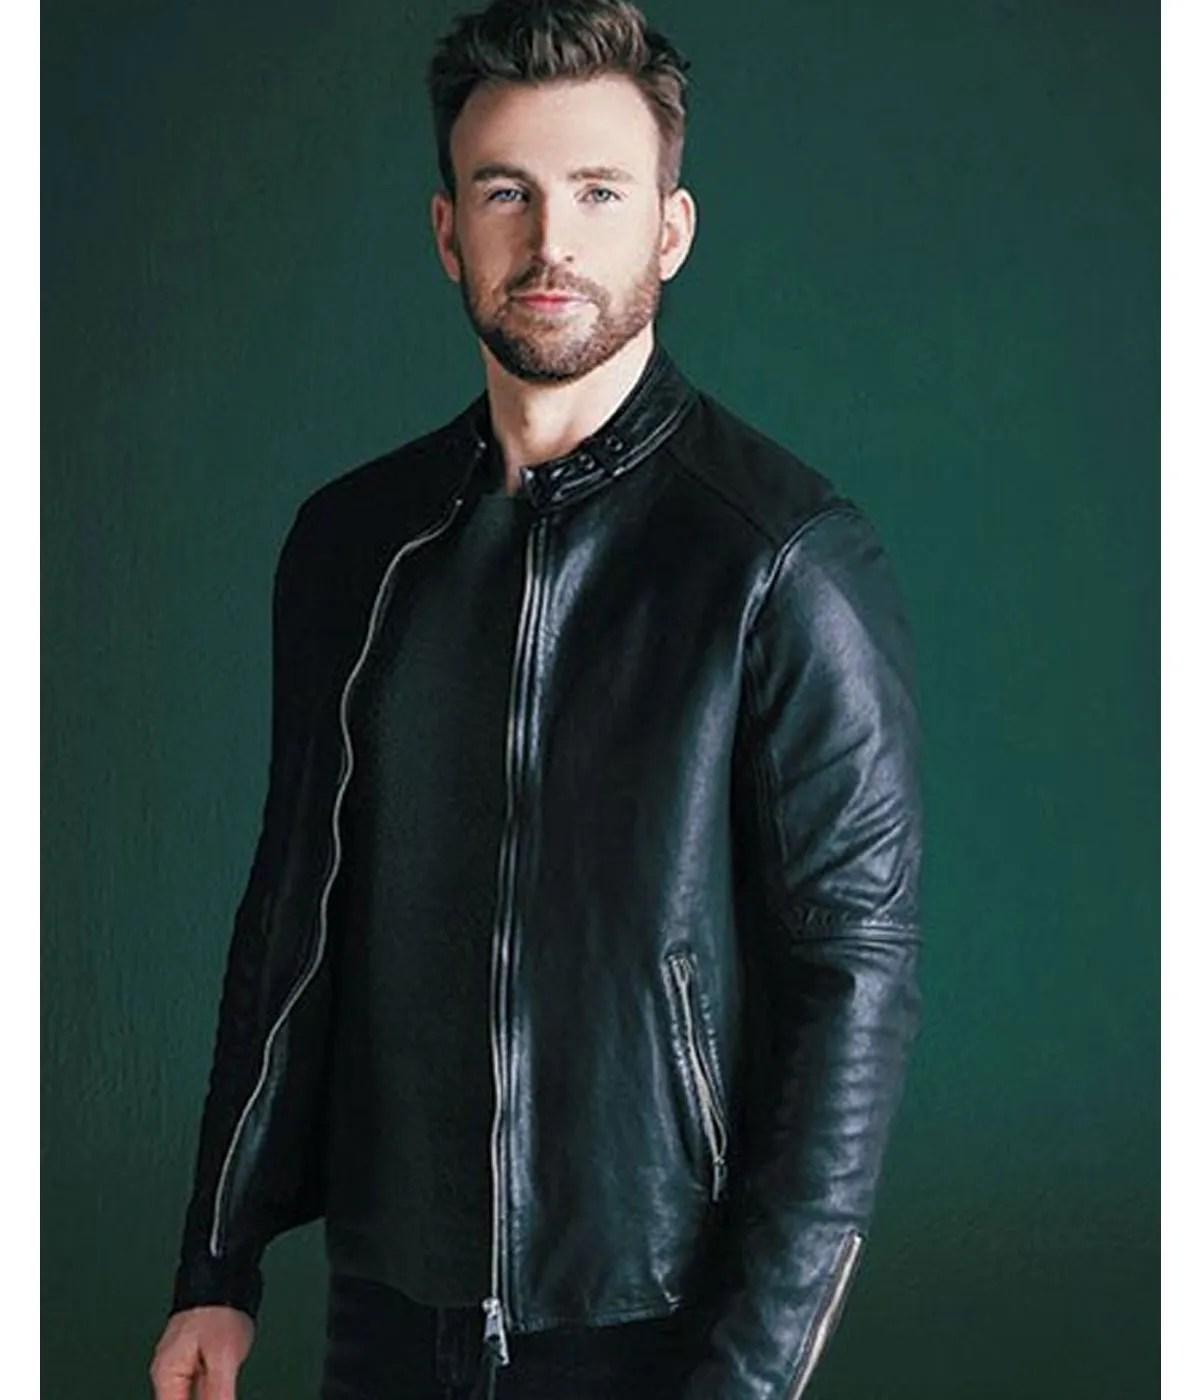 live-smarter-for-a-better-world-chris-evans-leather-jacket